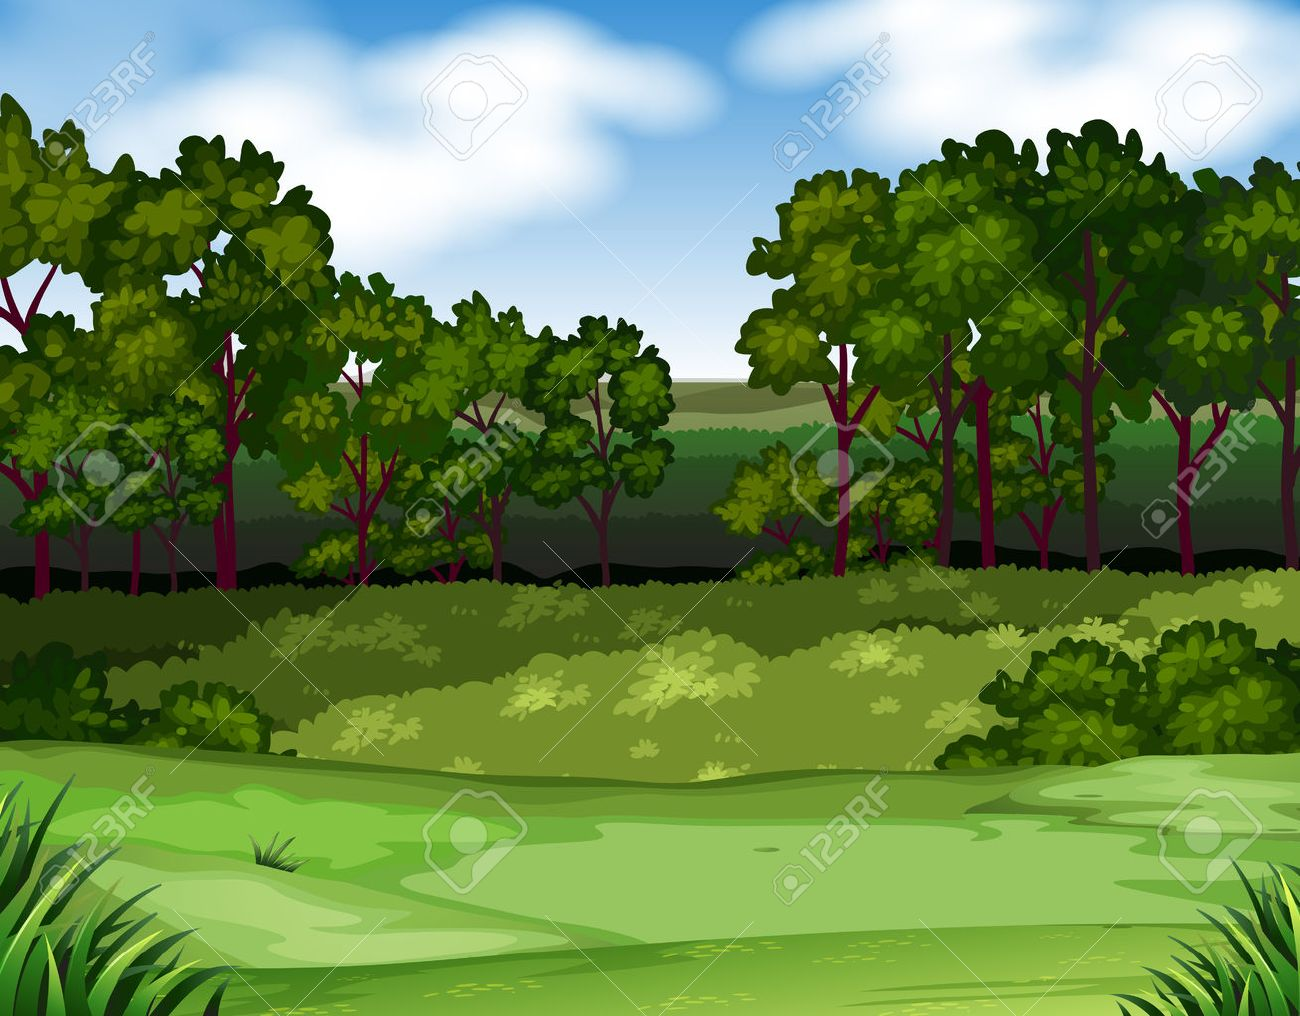 Escena del bosque con árboles y campo de la ilustración.